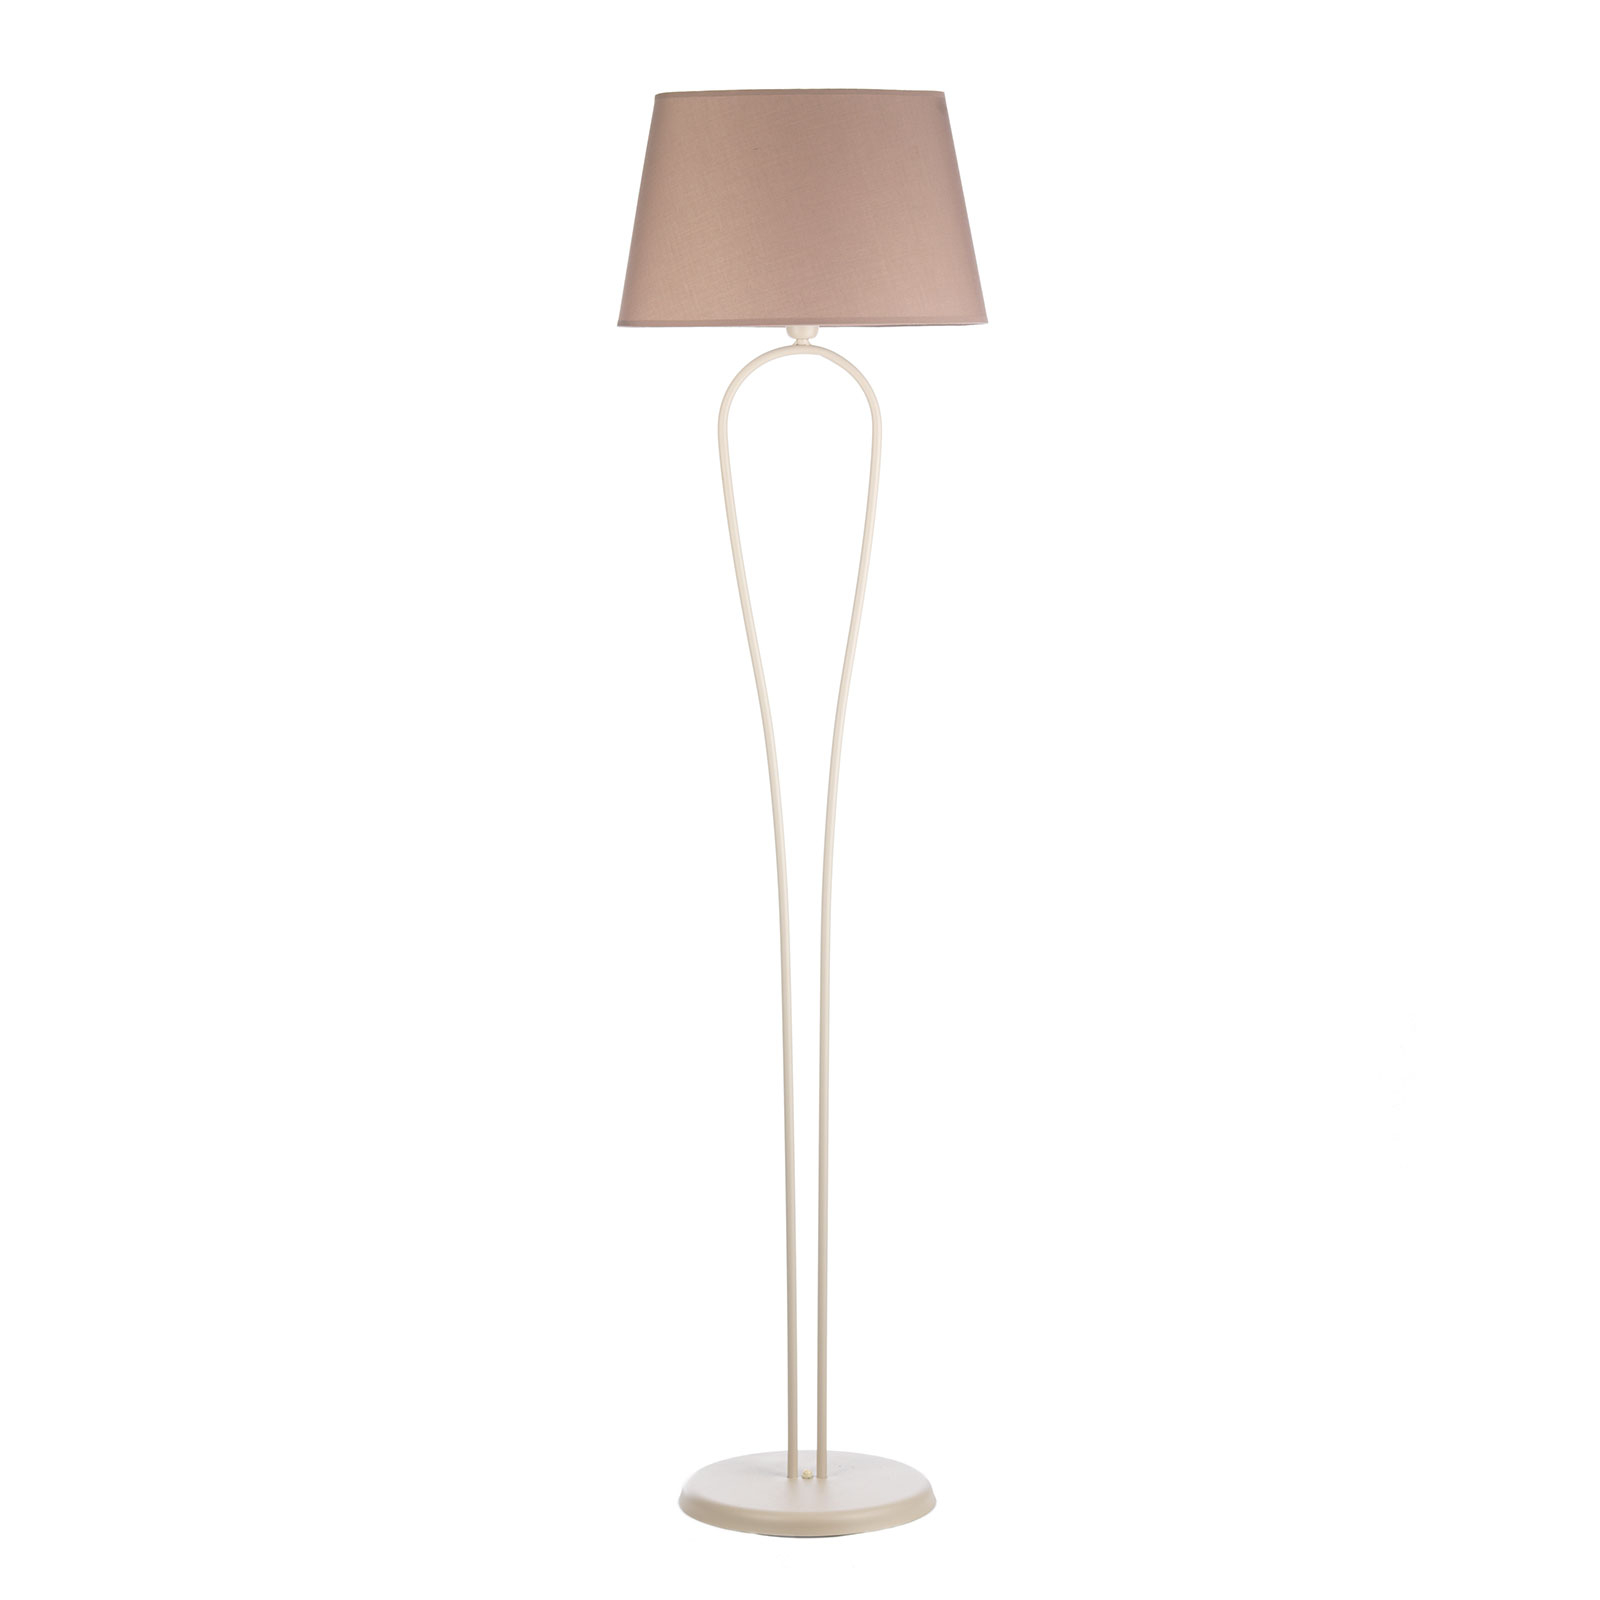 Zen bordlampe, beige skjerm, høyde 175 cm